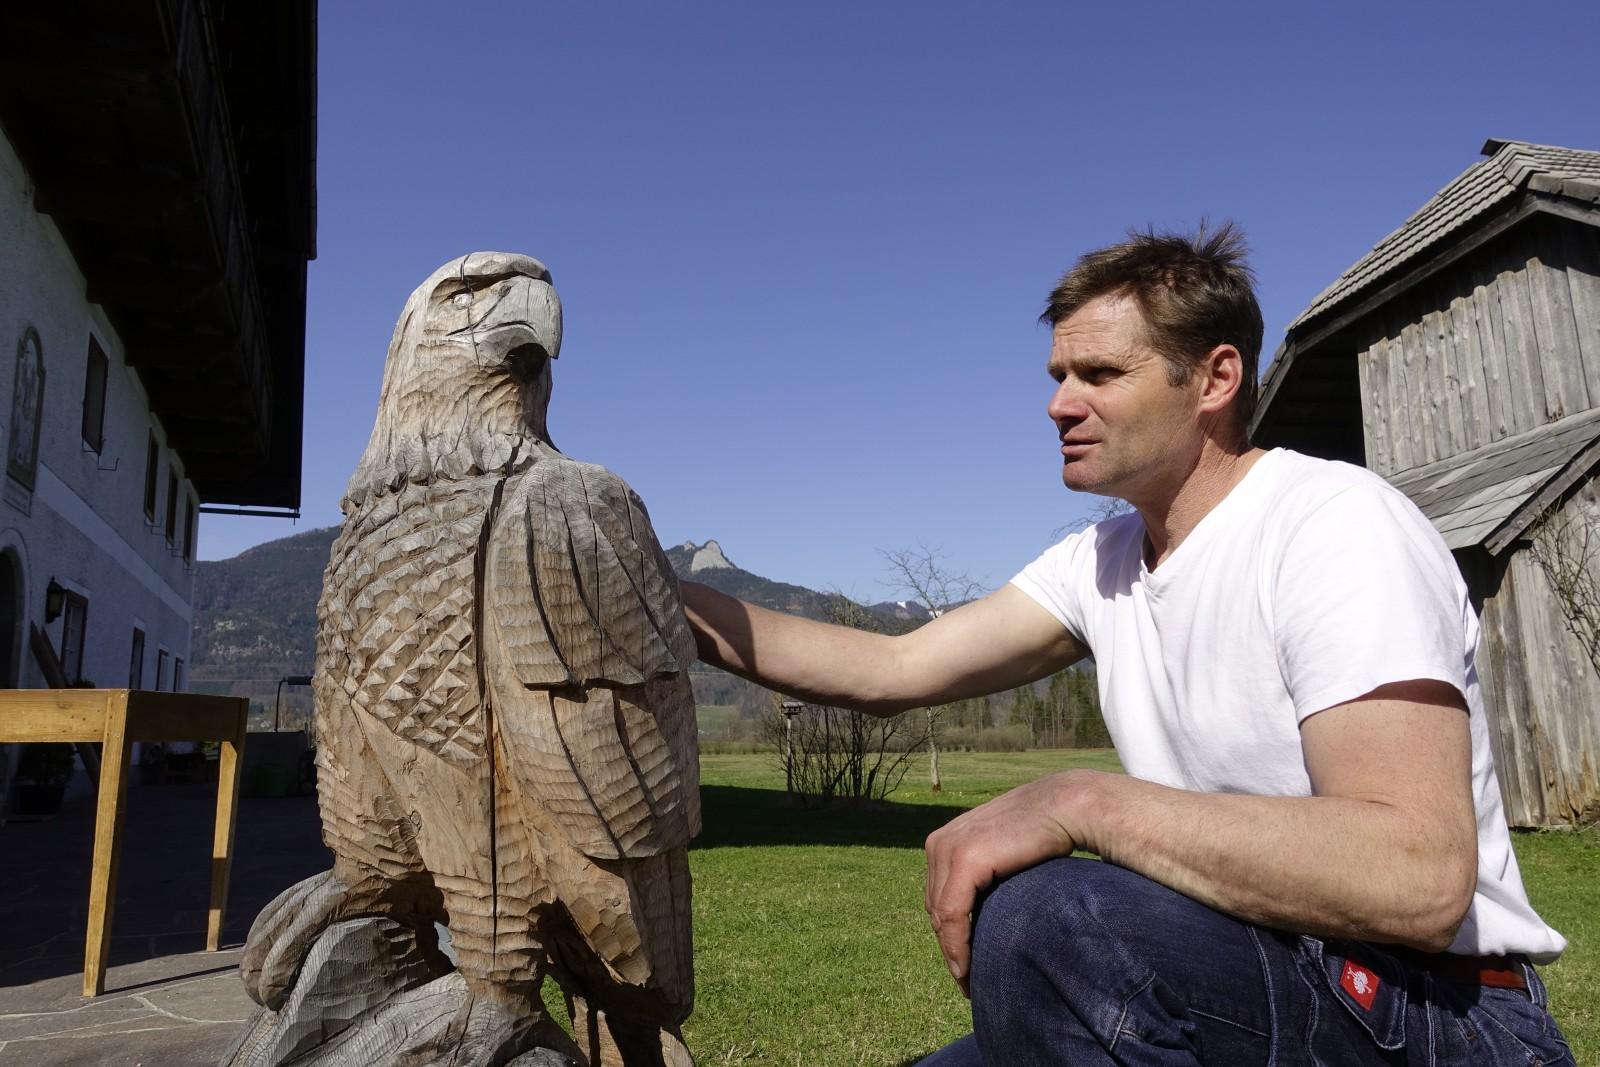 Josef mit seinem Adler